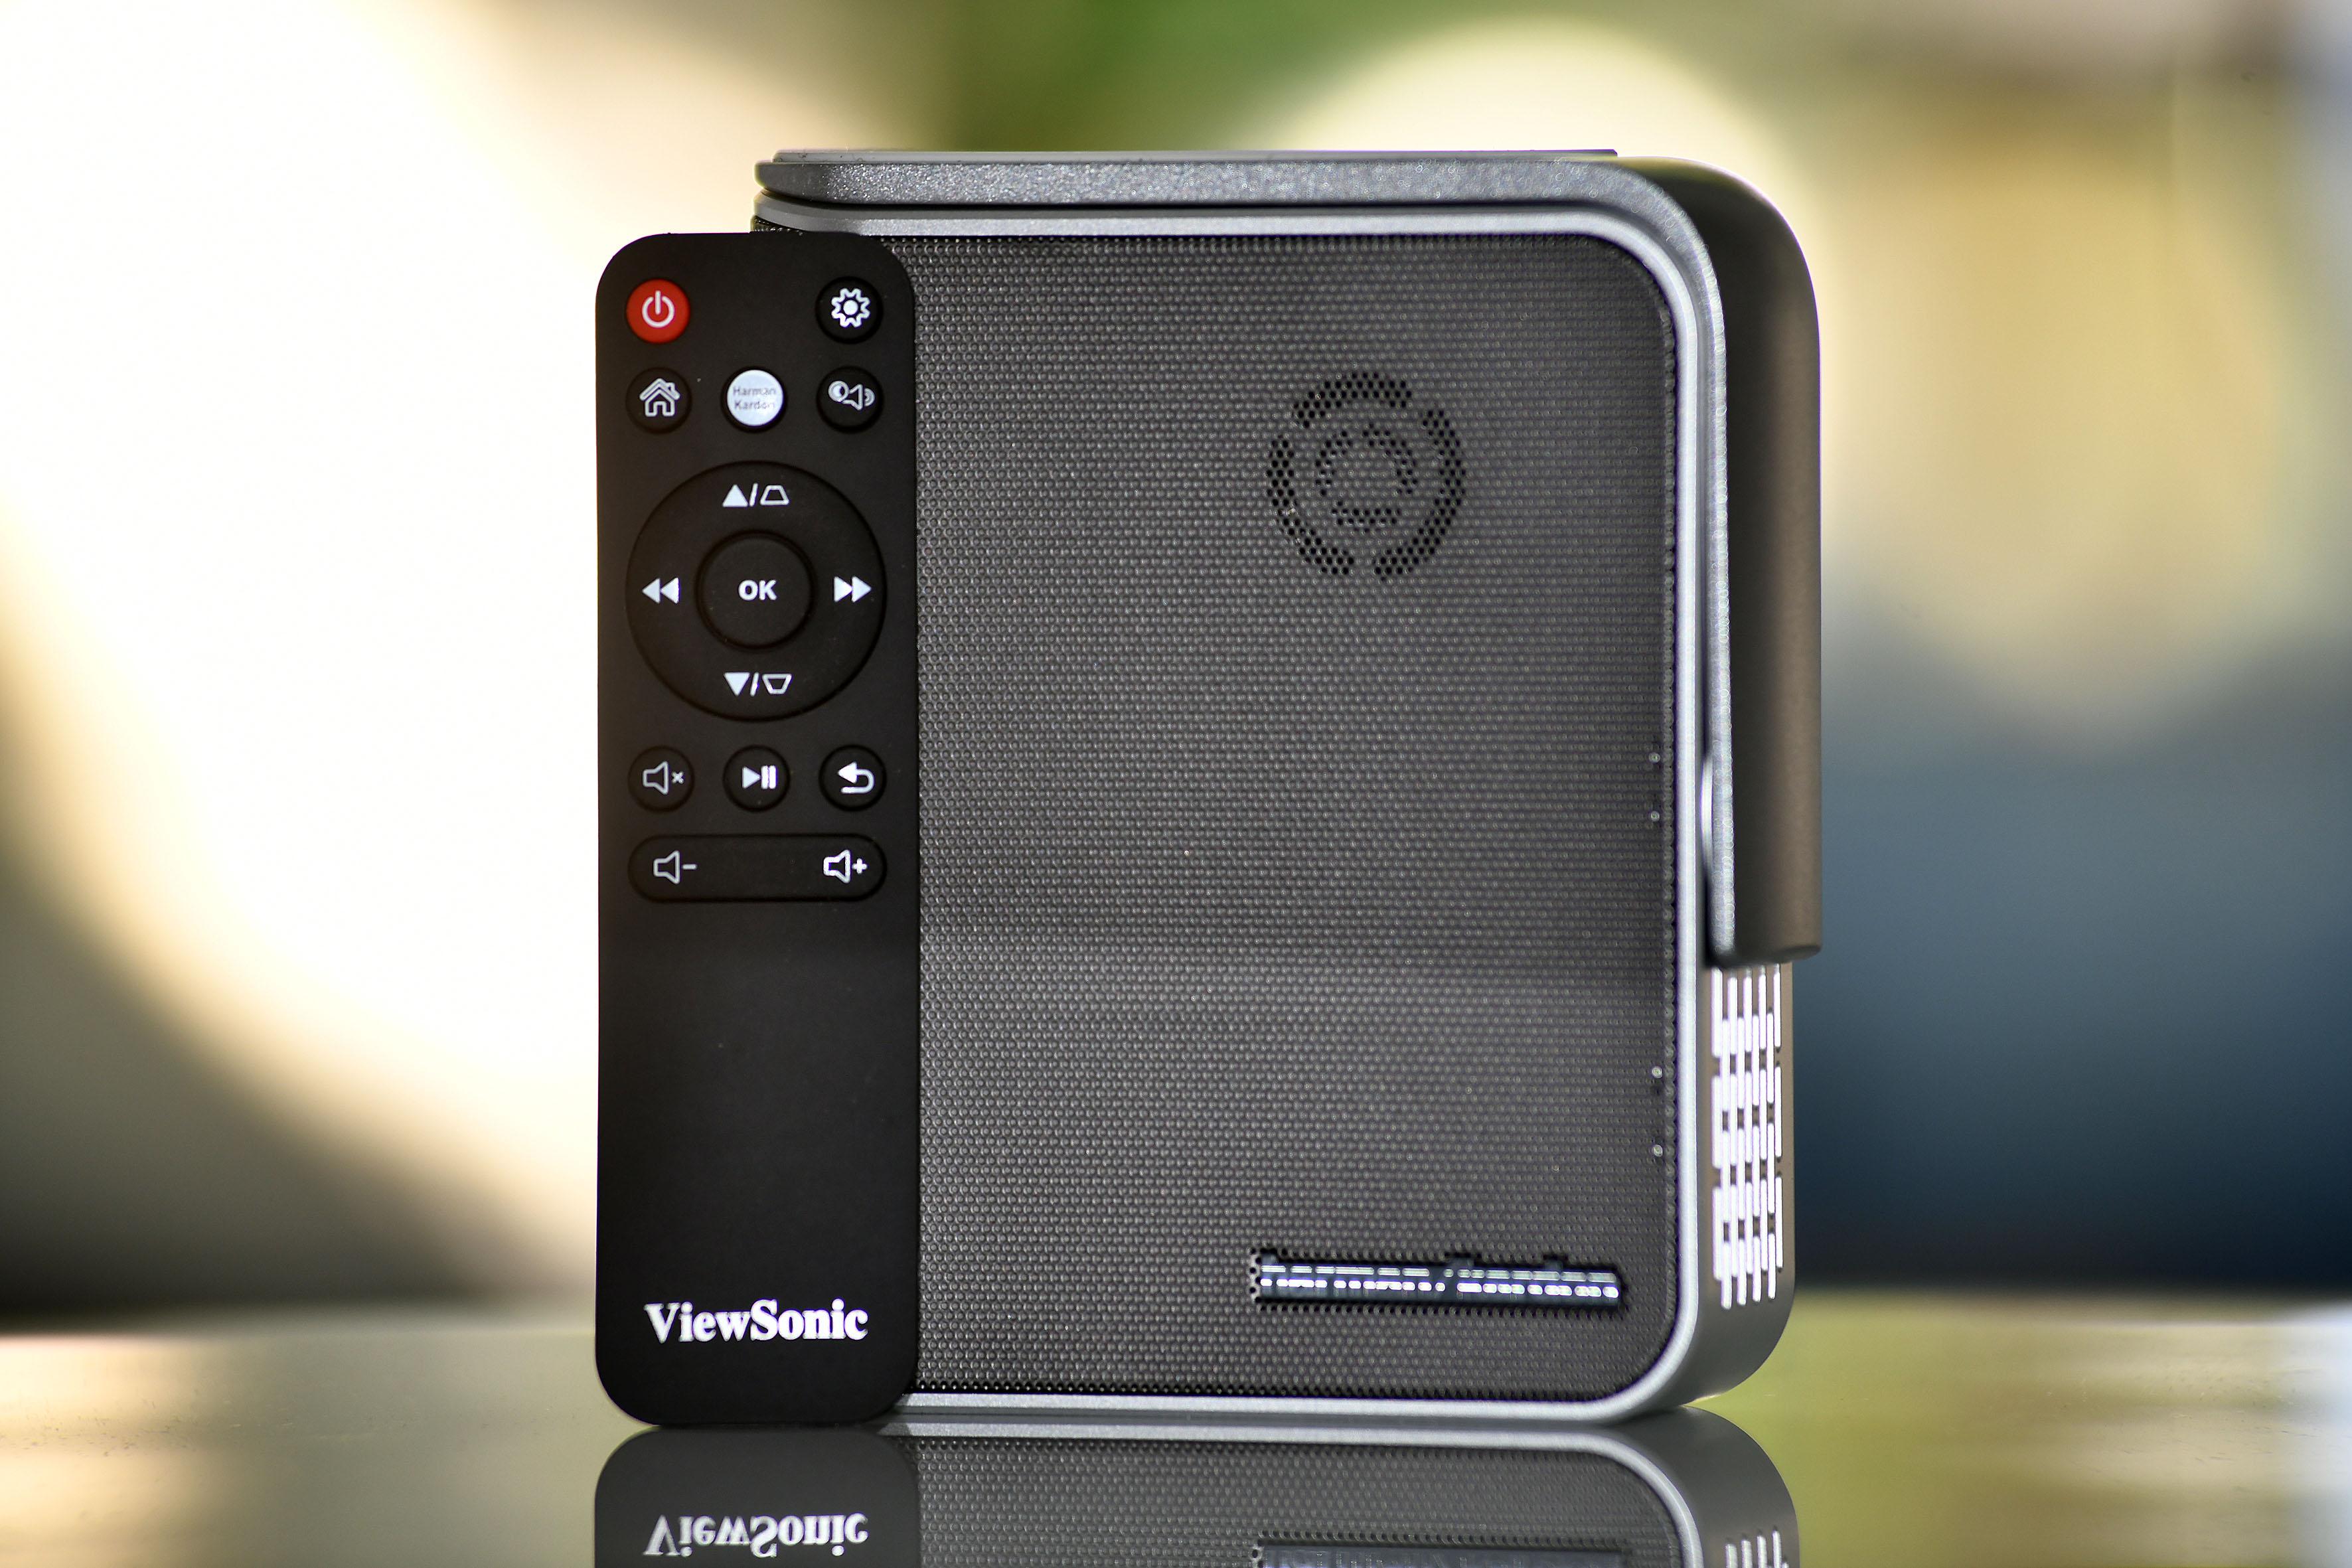 Foto: Michael B. Rehders Gleich zwei Lautsprecher hat Harman/Kardon dem ViewSonic M1 spendiert. Diese befinden sich eingelassen im Gehäuse.